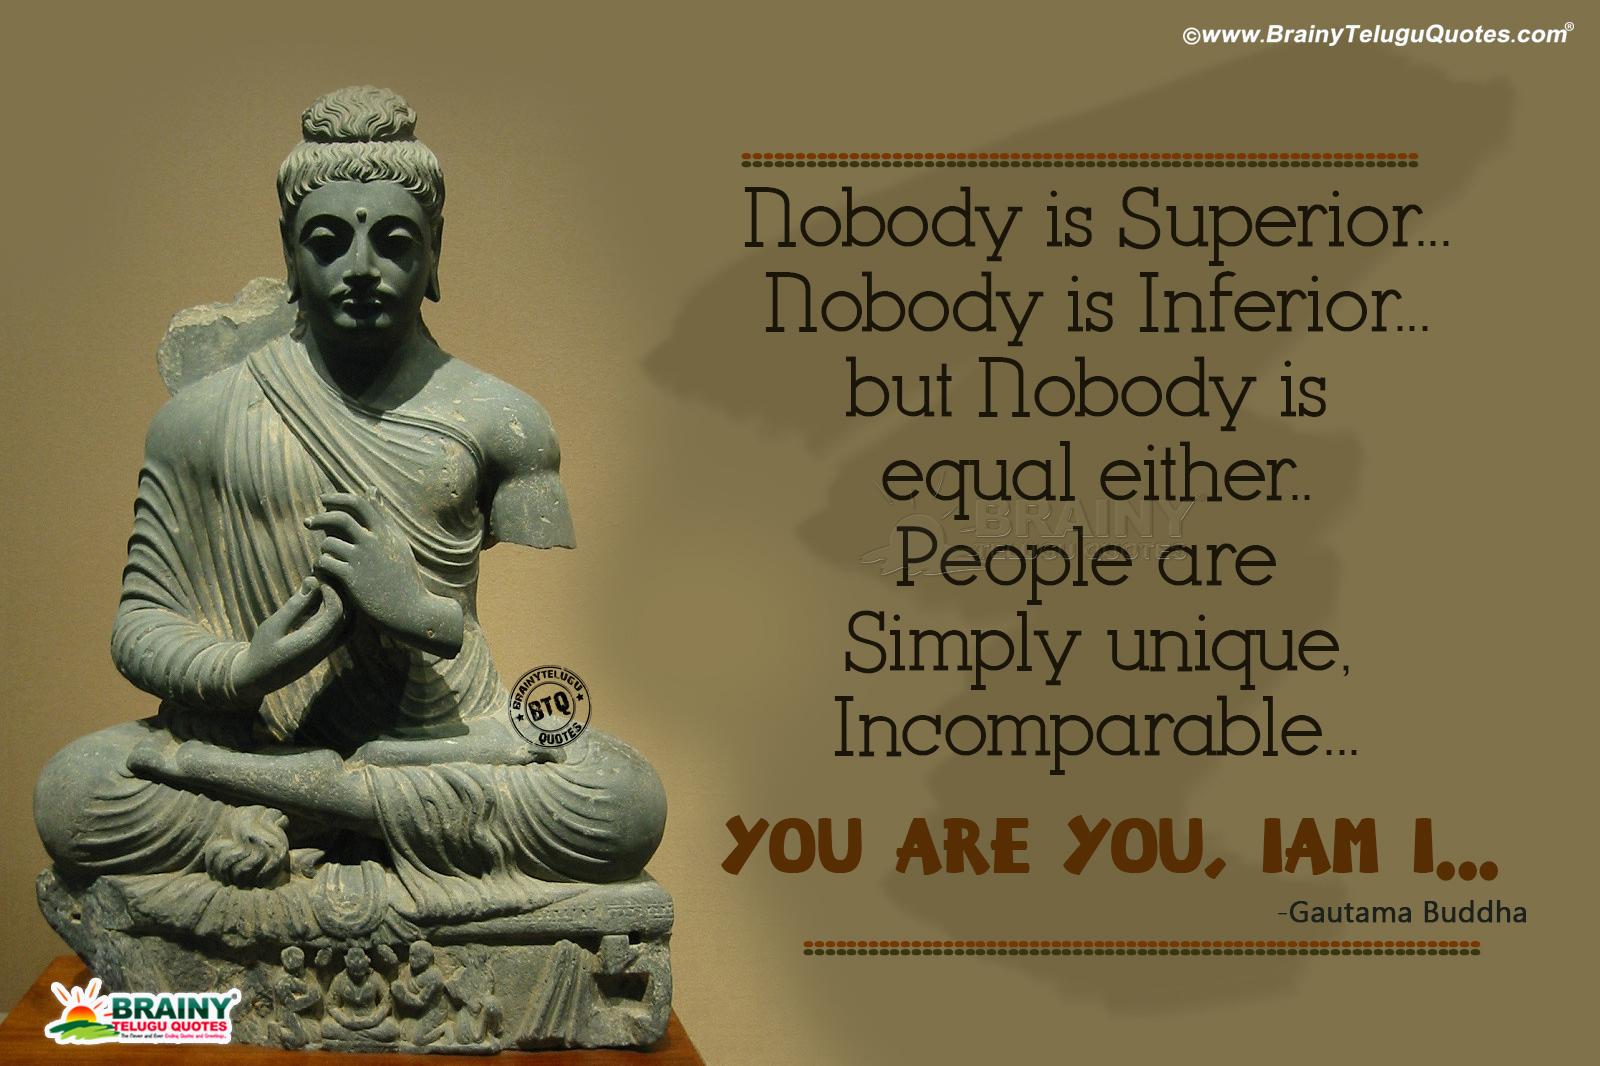 Gautama Buddha Latest Quotes On Life-Best Motivational